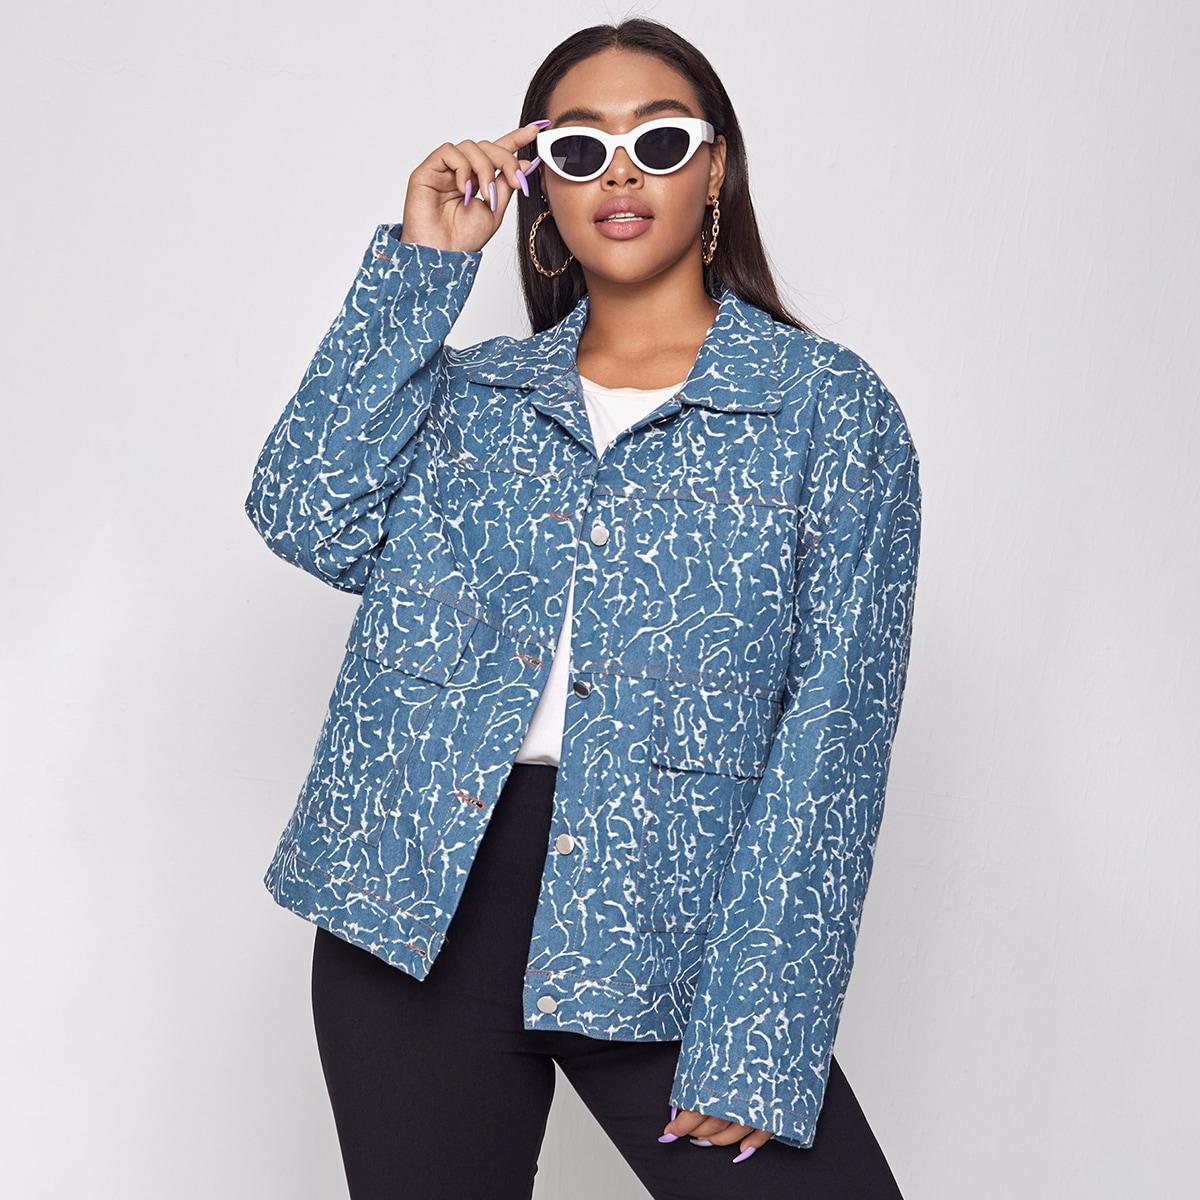 Джинсовая куртка размера плюс с принтом